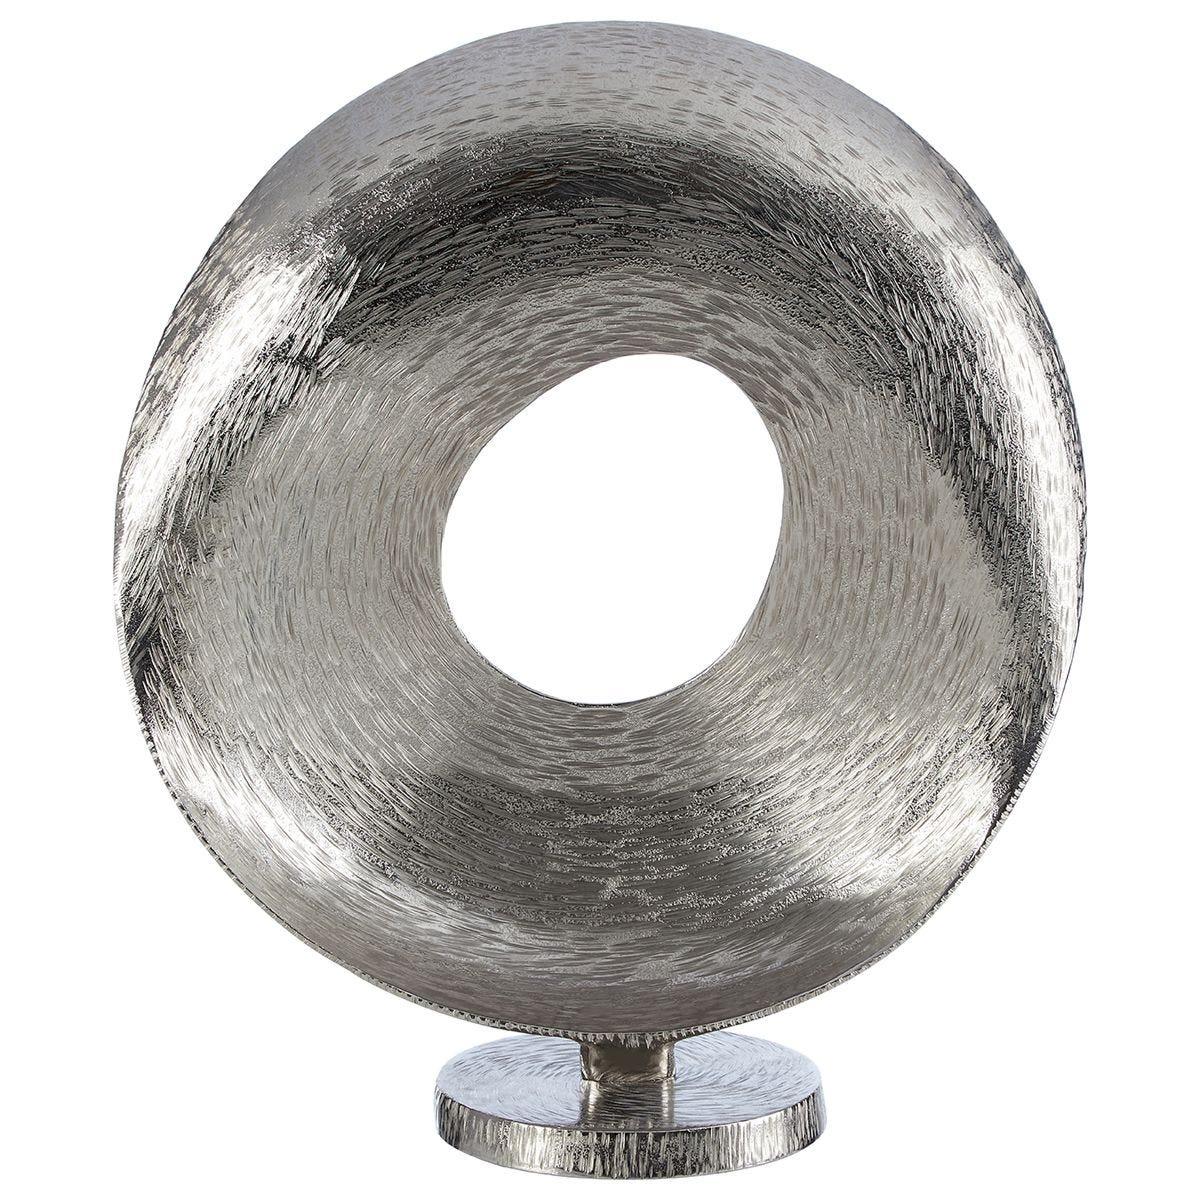 Premier Housewares Round Sculpture - Grind Nickel/Silver Finish